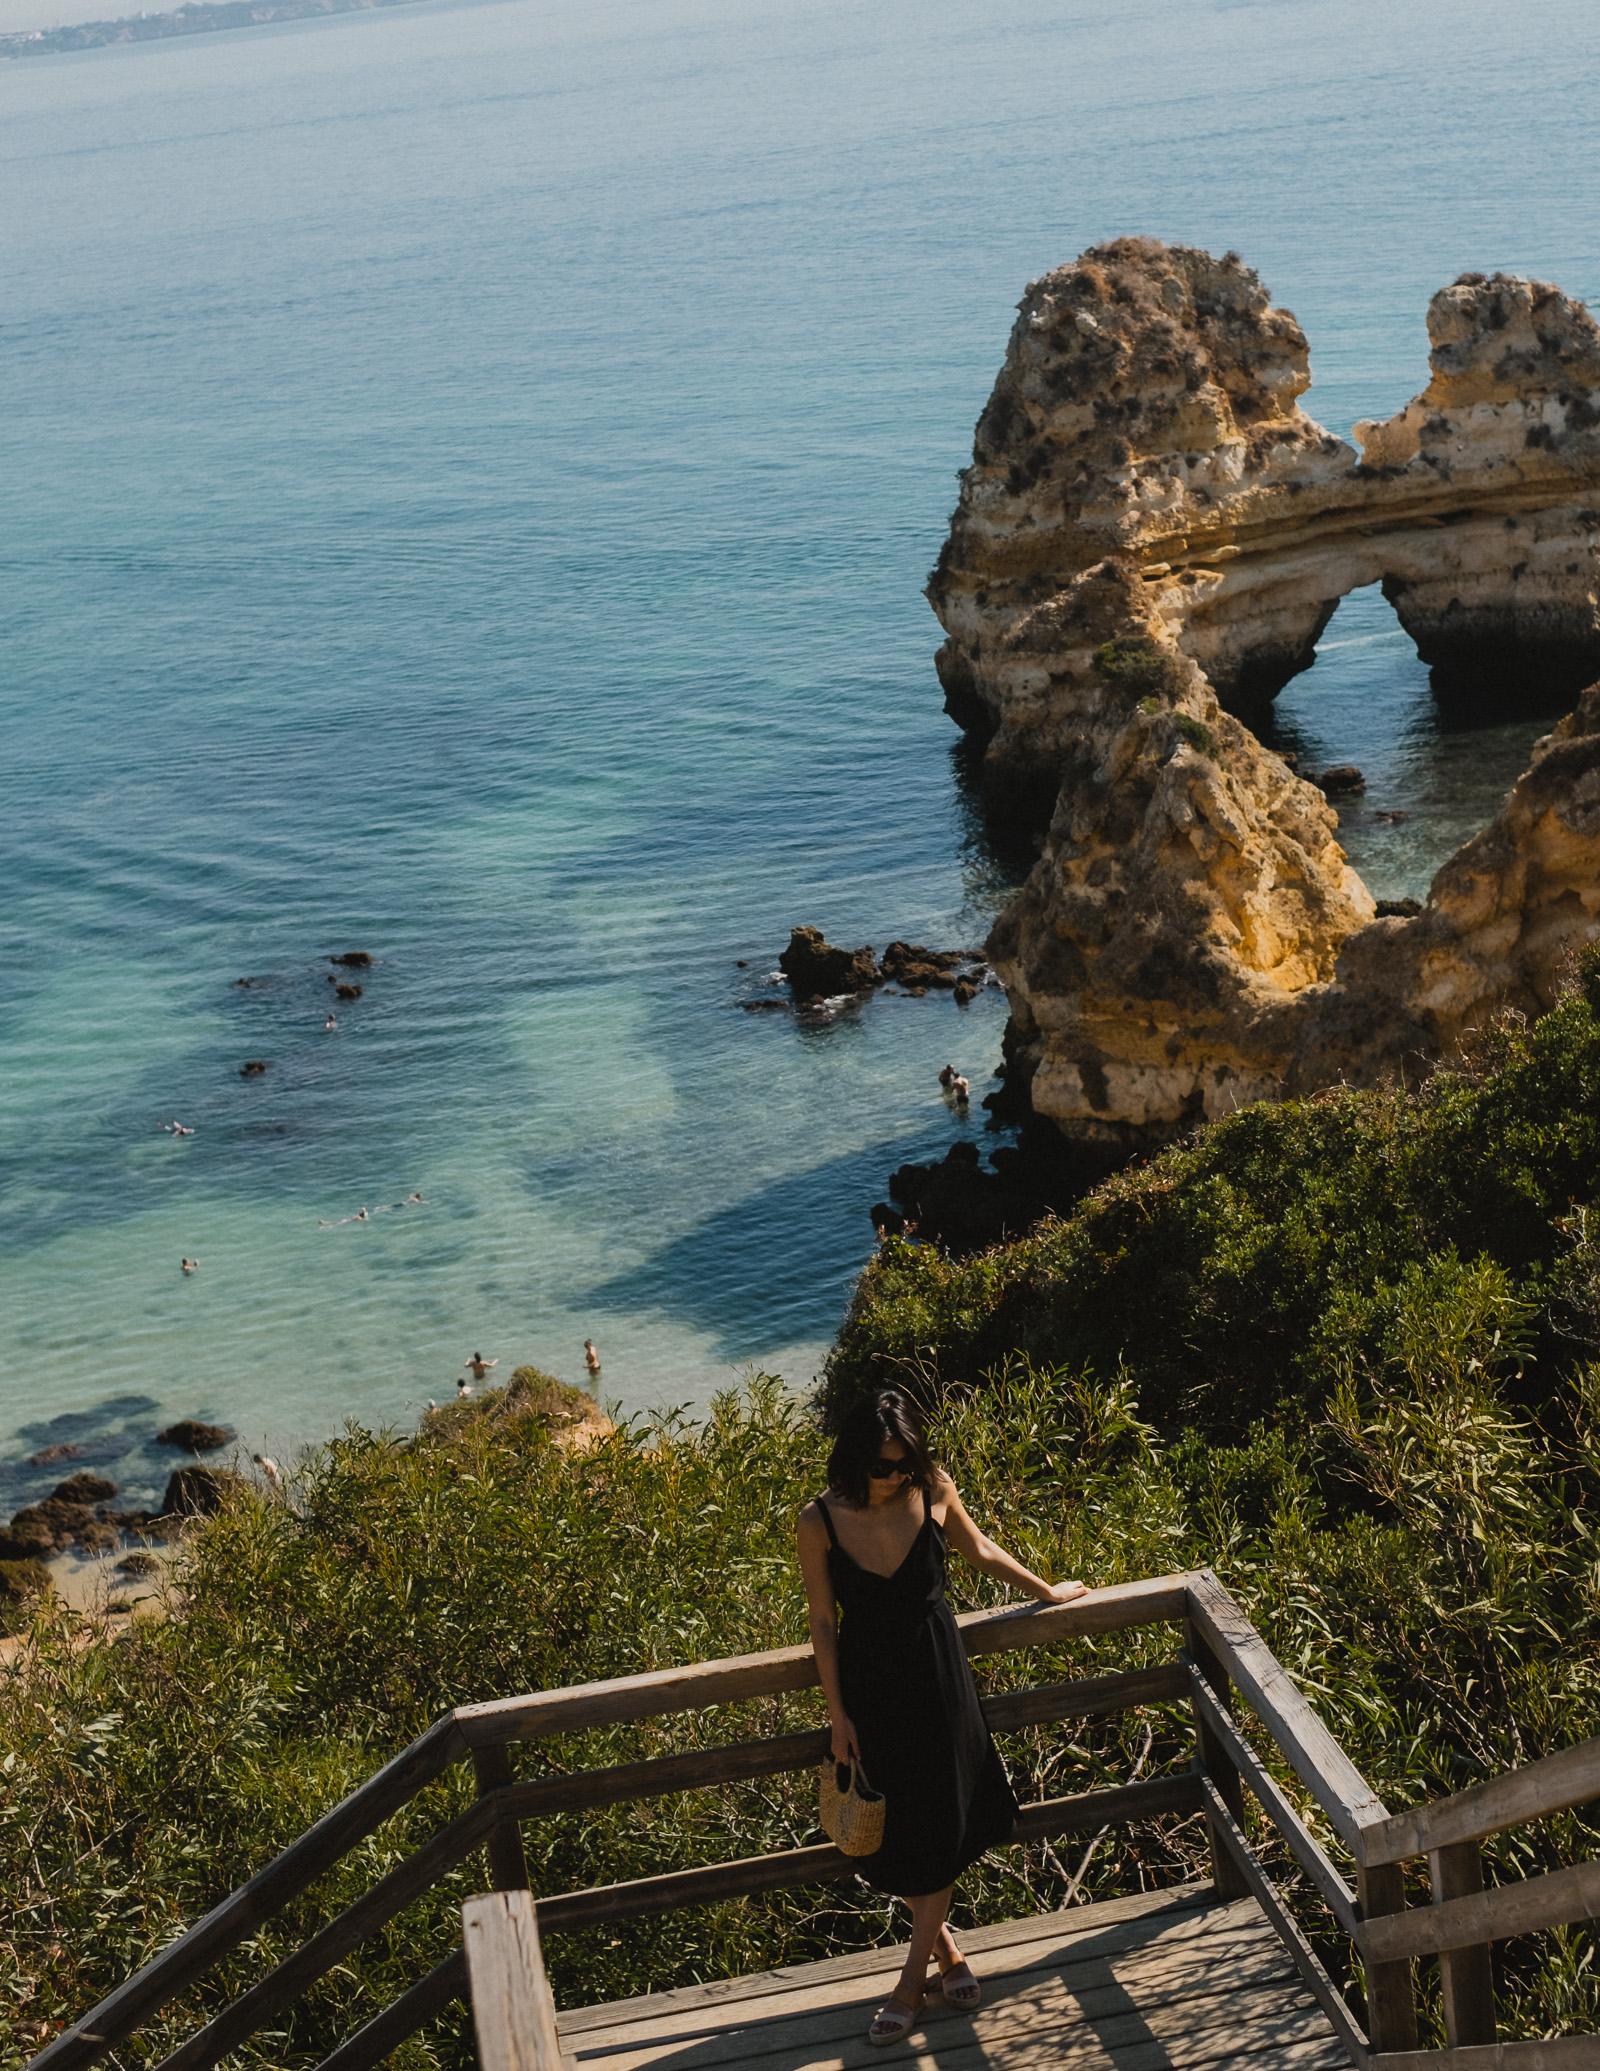 Climbing the 100 steps down to Praia do Camilo.